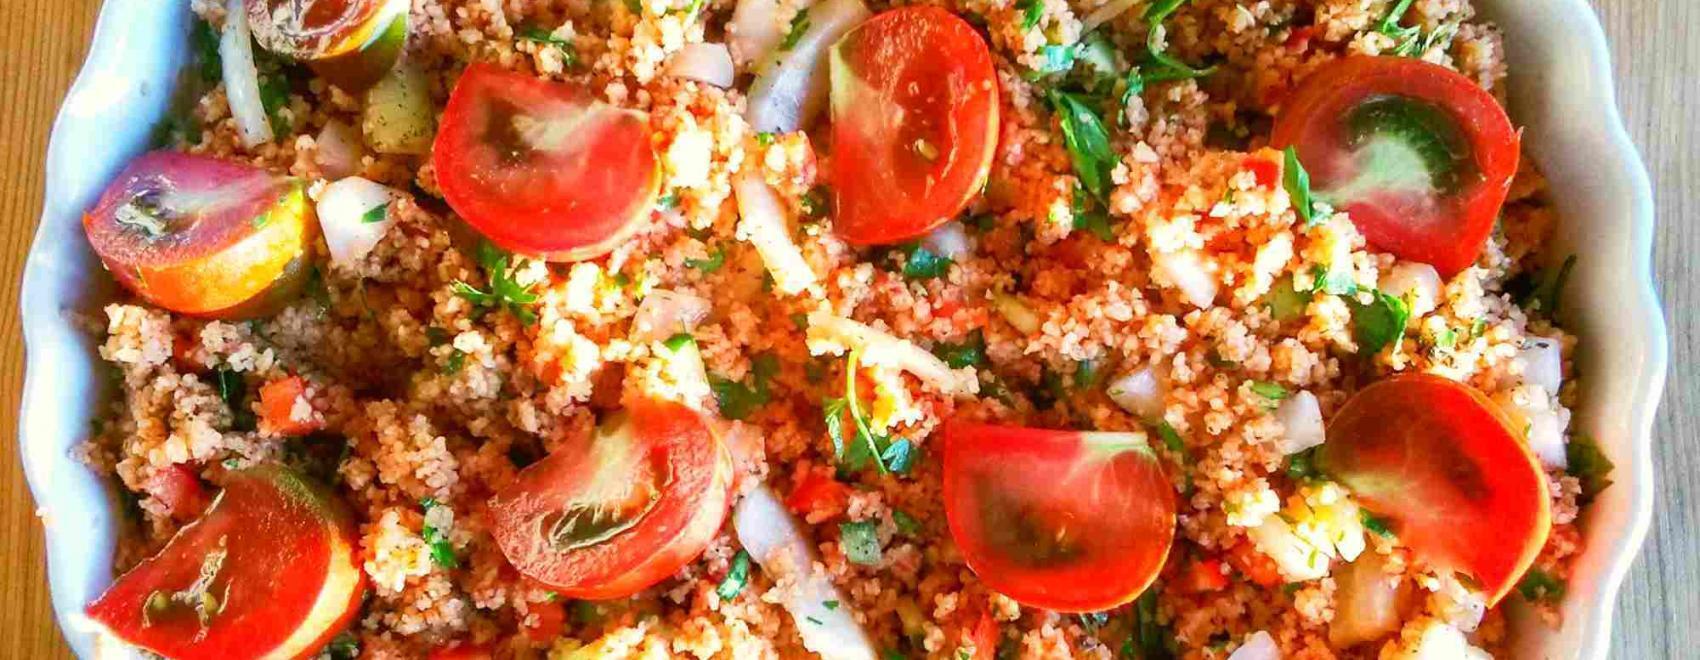 Kısır Bulgur Wheat Salad